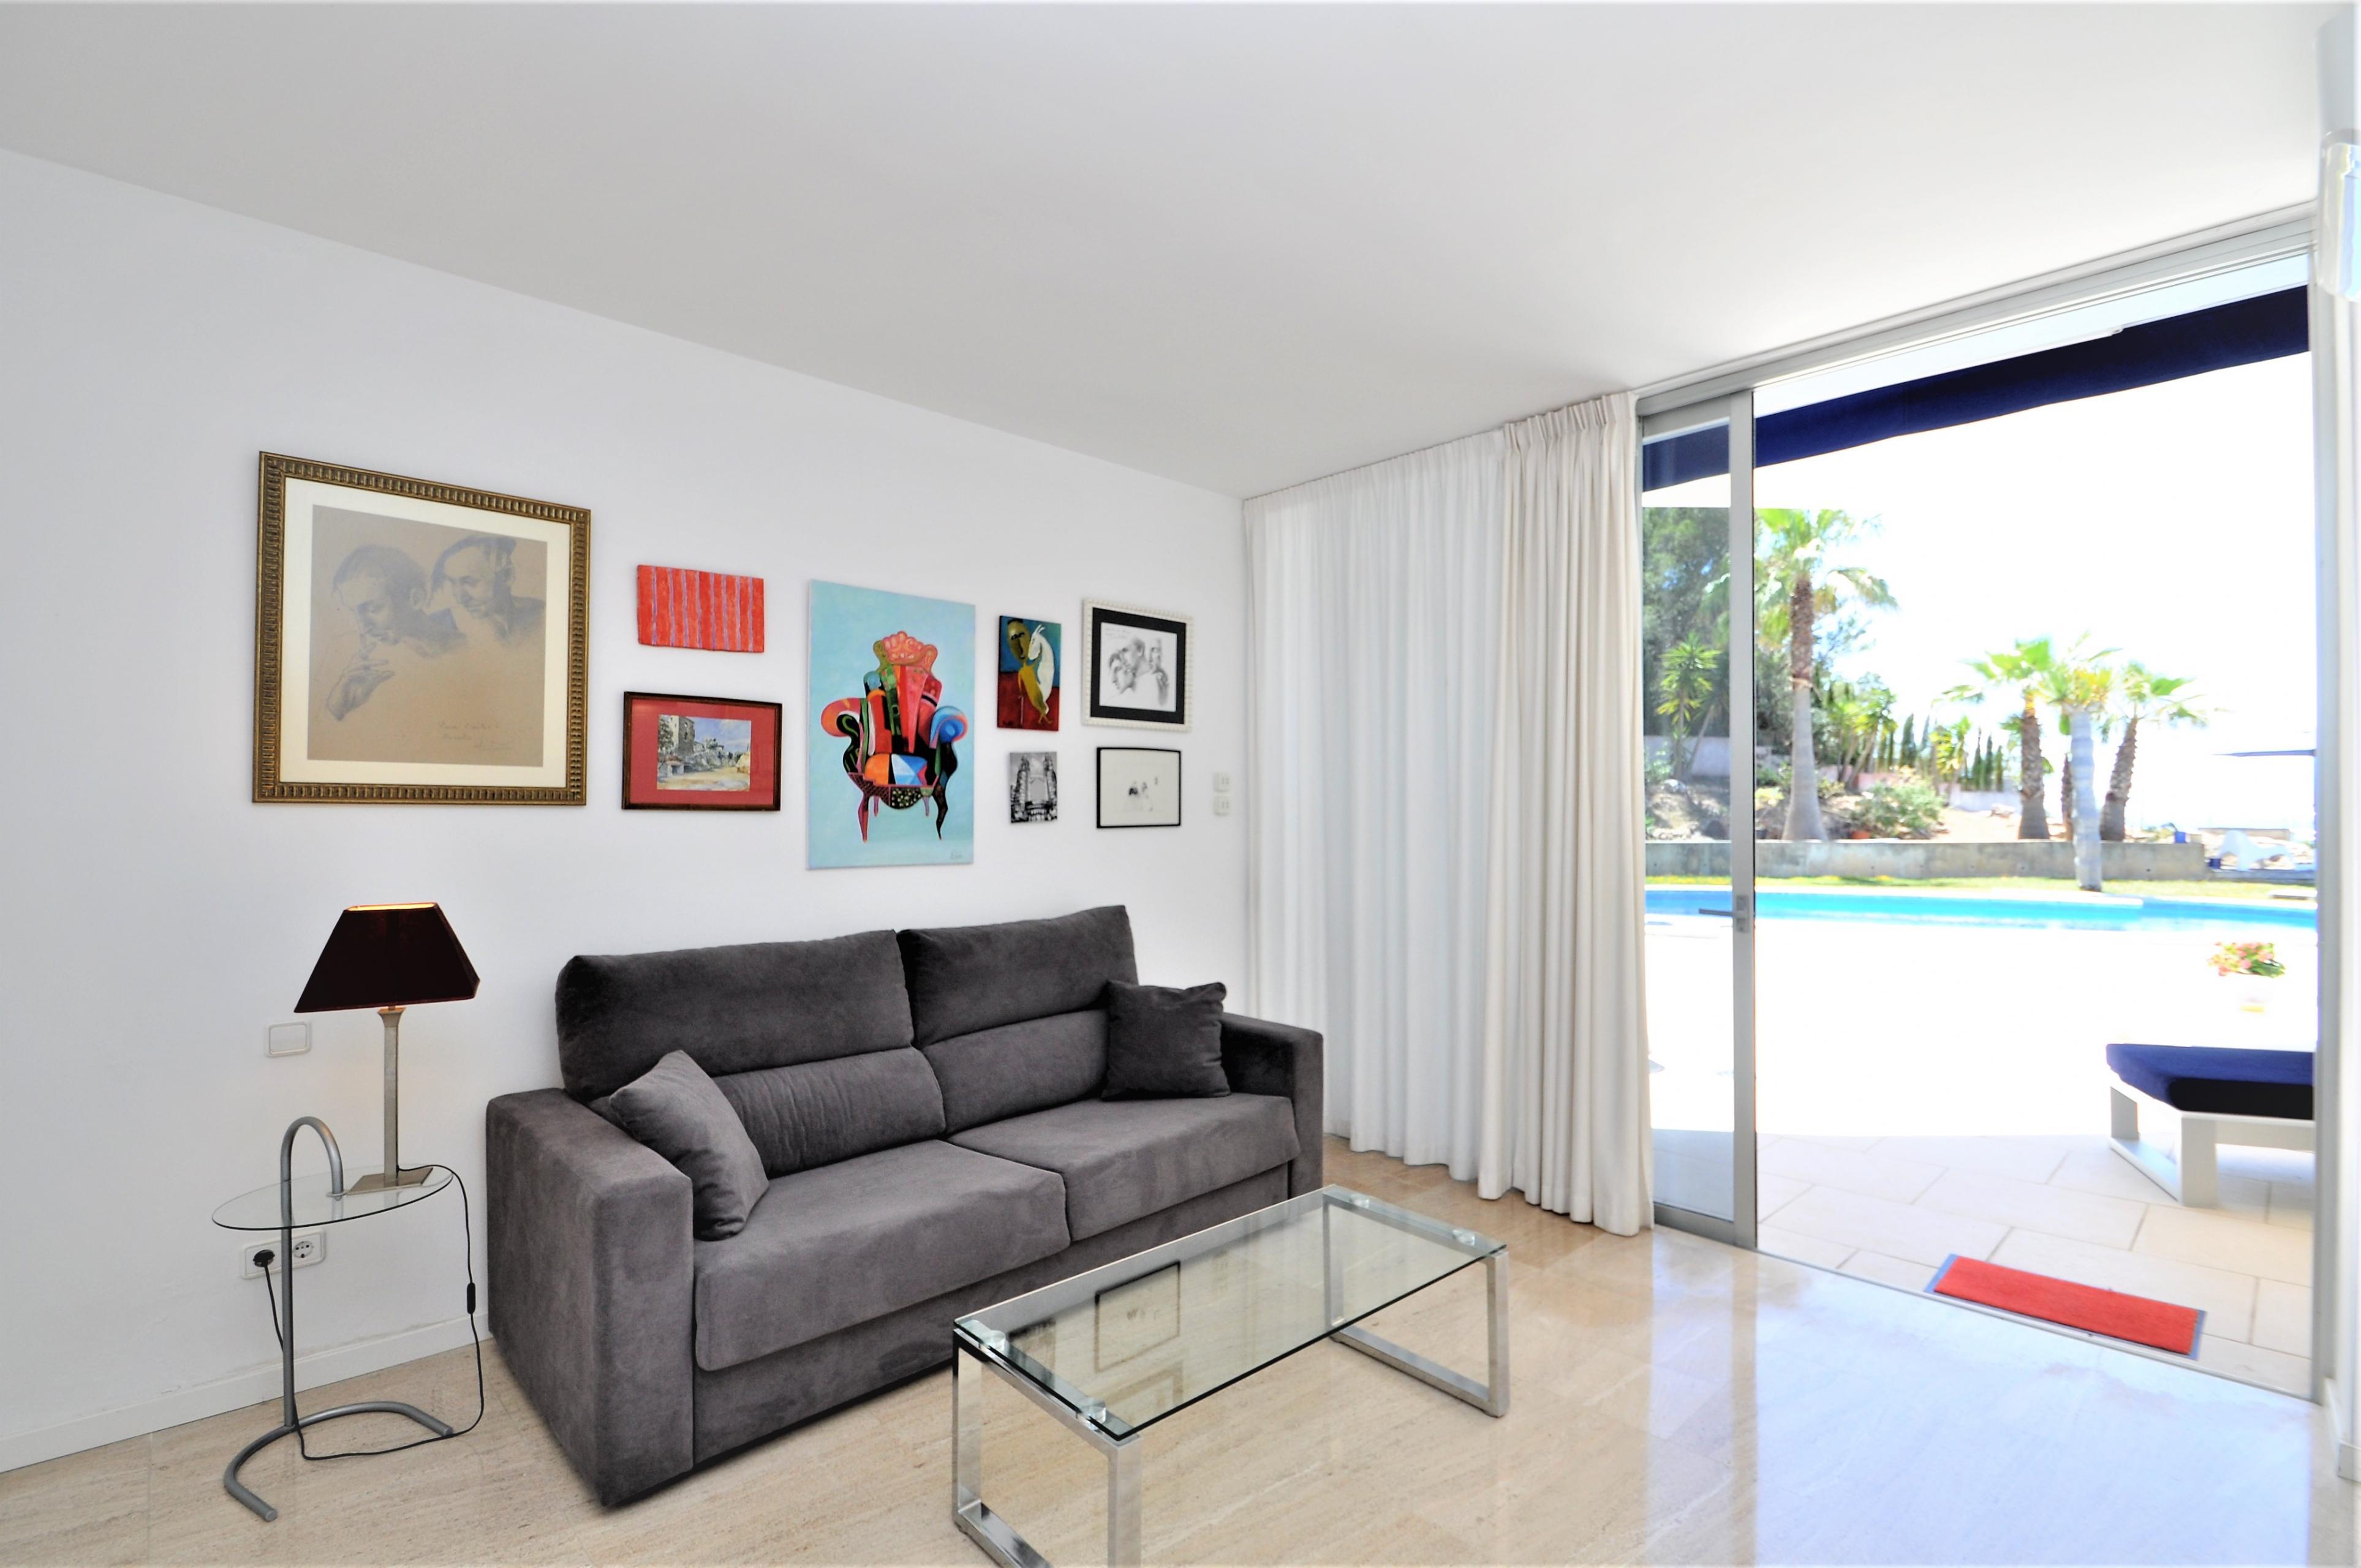 Maison de vacances VILLA BAY BLUE- Bahia Azul- Mallorca - VILLAONLINE - Kostenloses WLAN (2684052), Bahia Azul, Majorque, Iles Baléares, Espagne, image 26